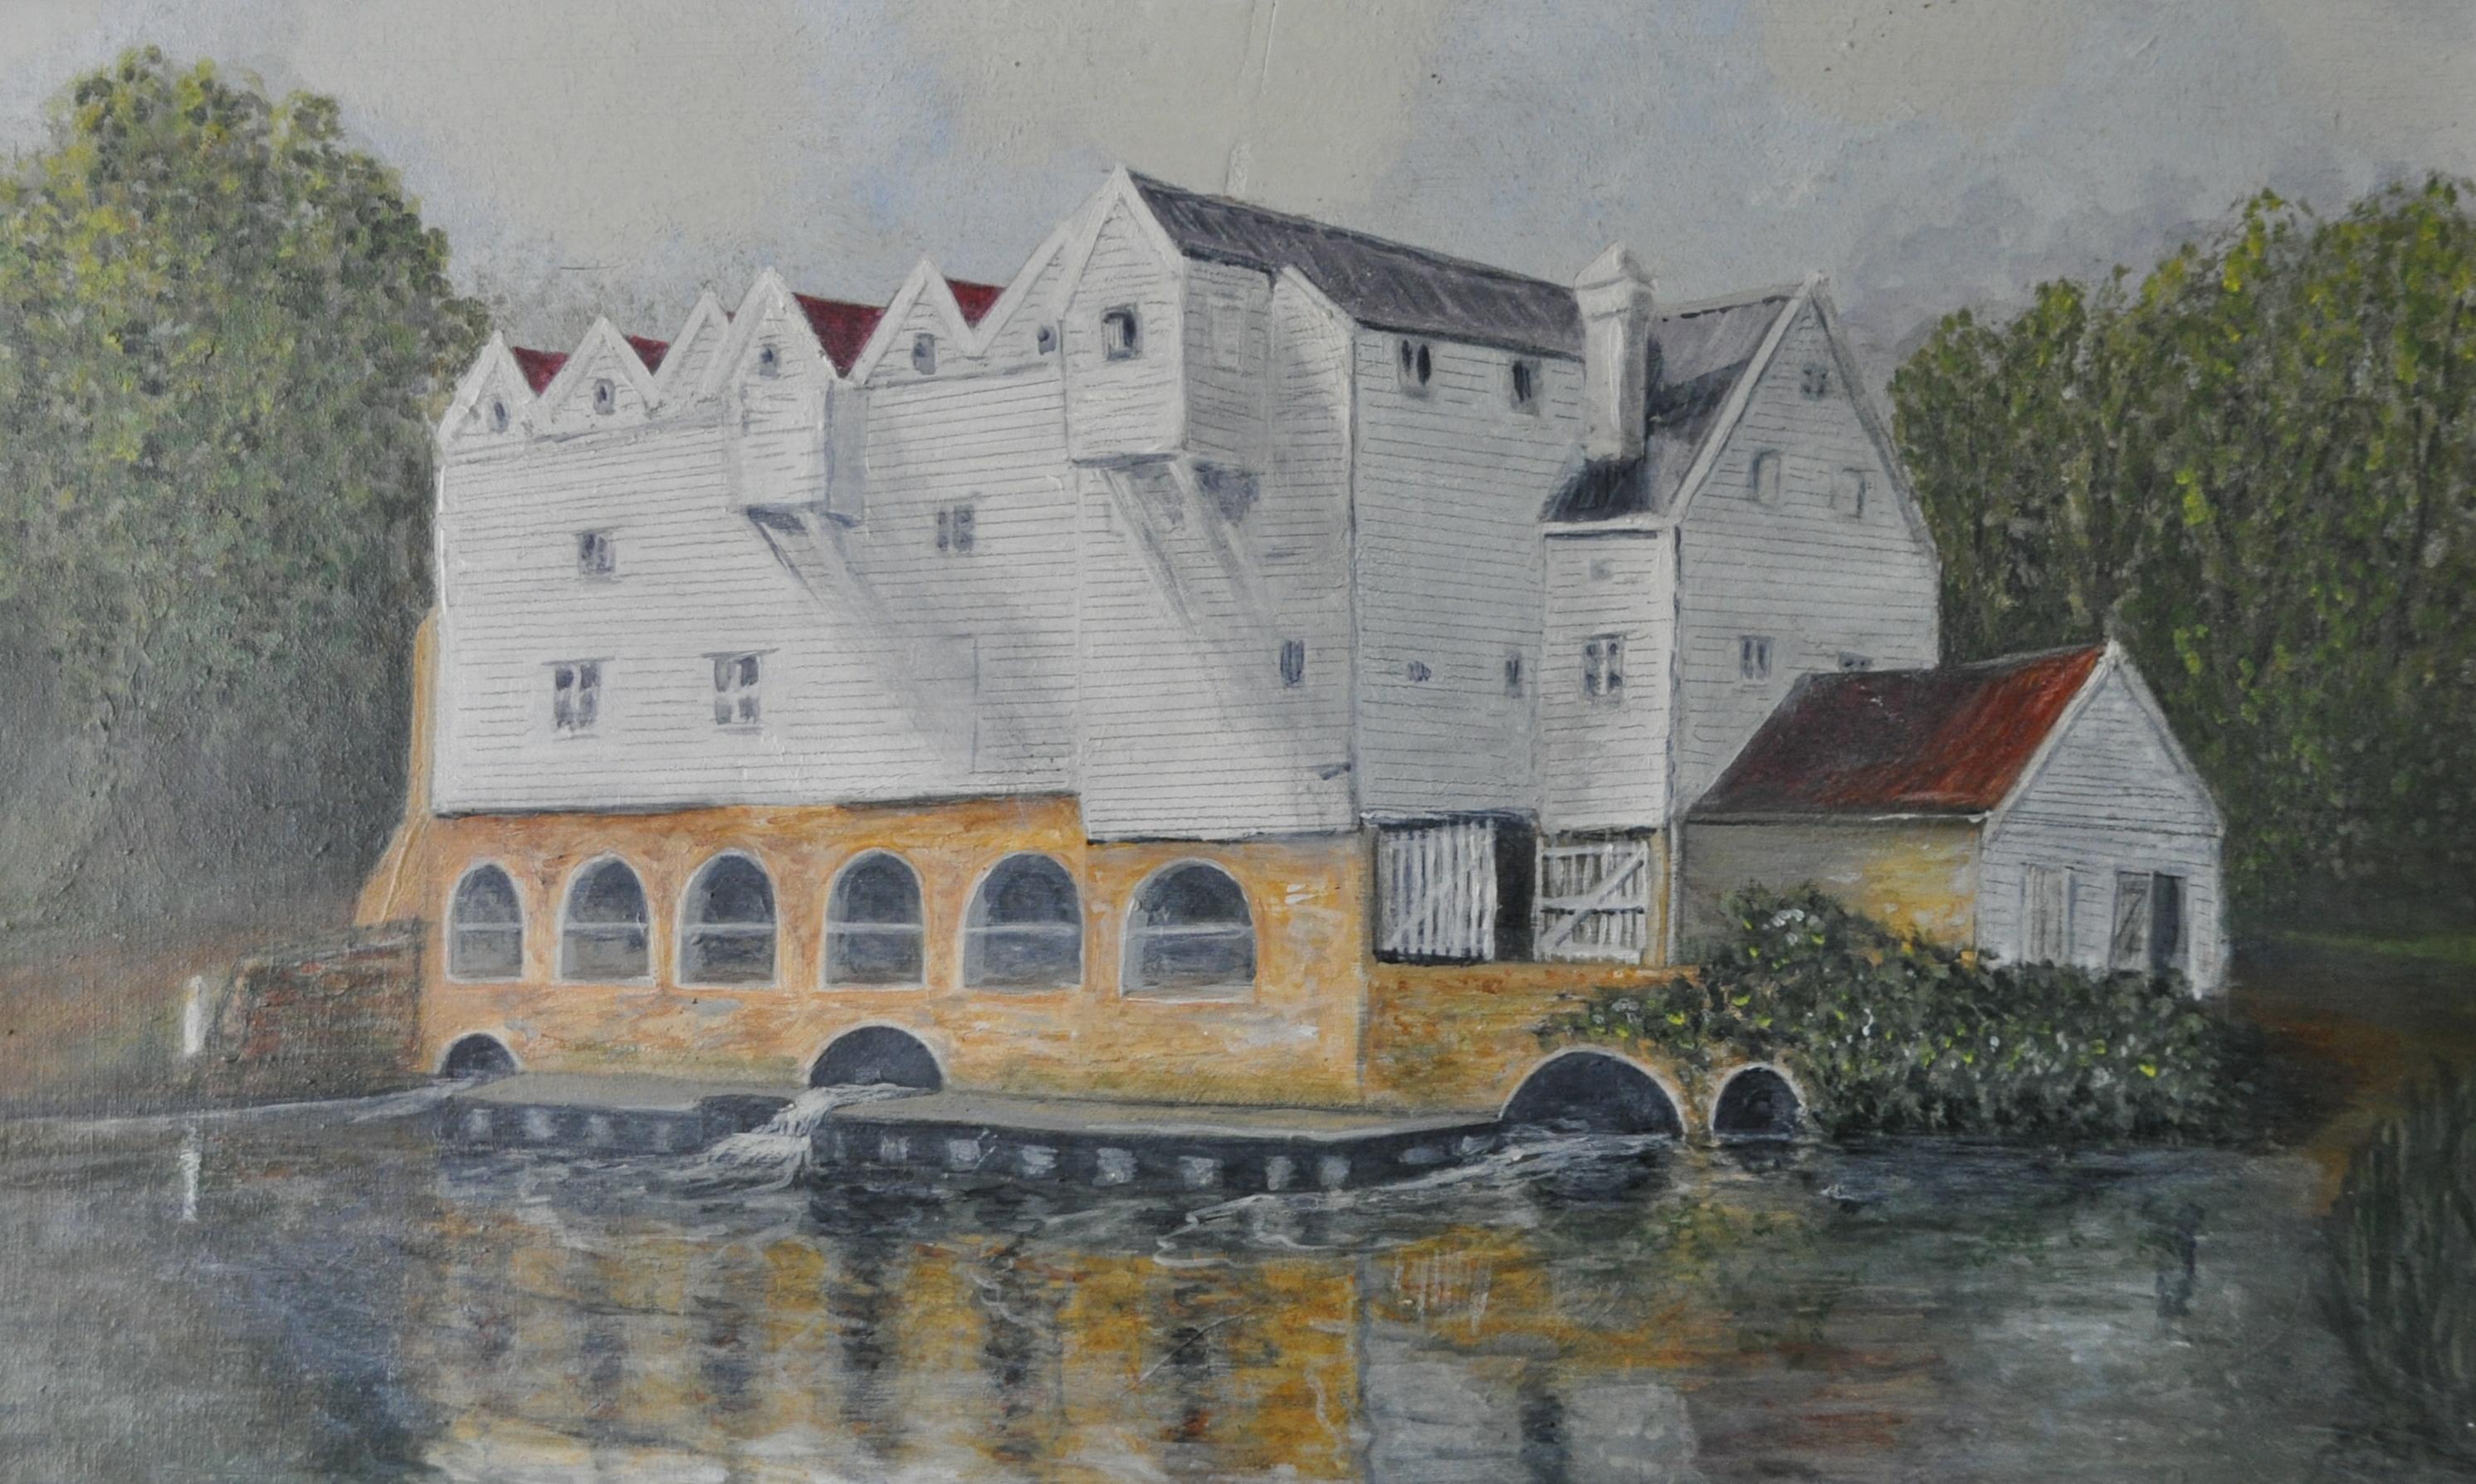 Hortead Mill